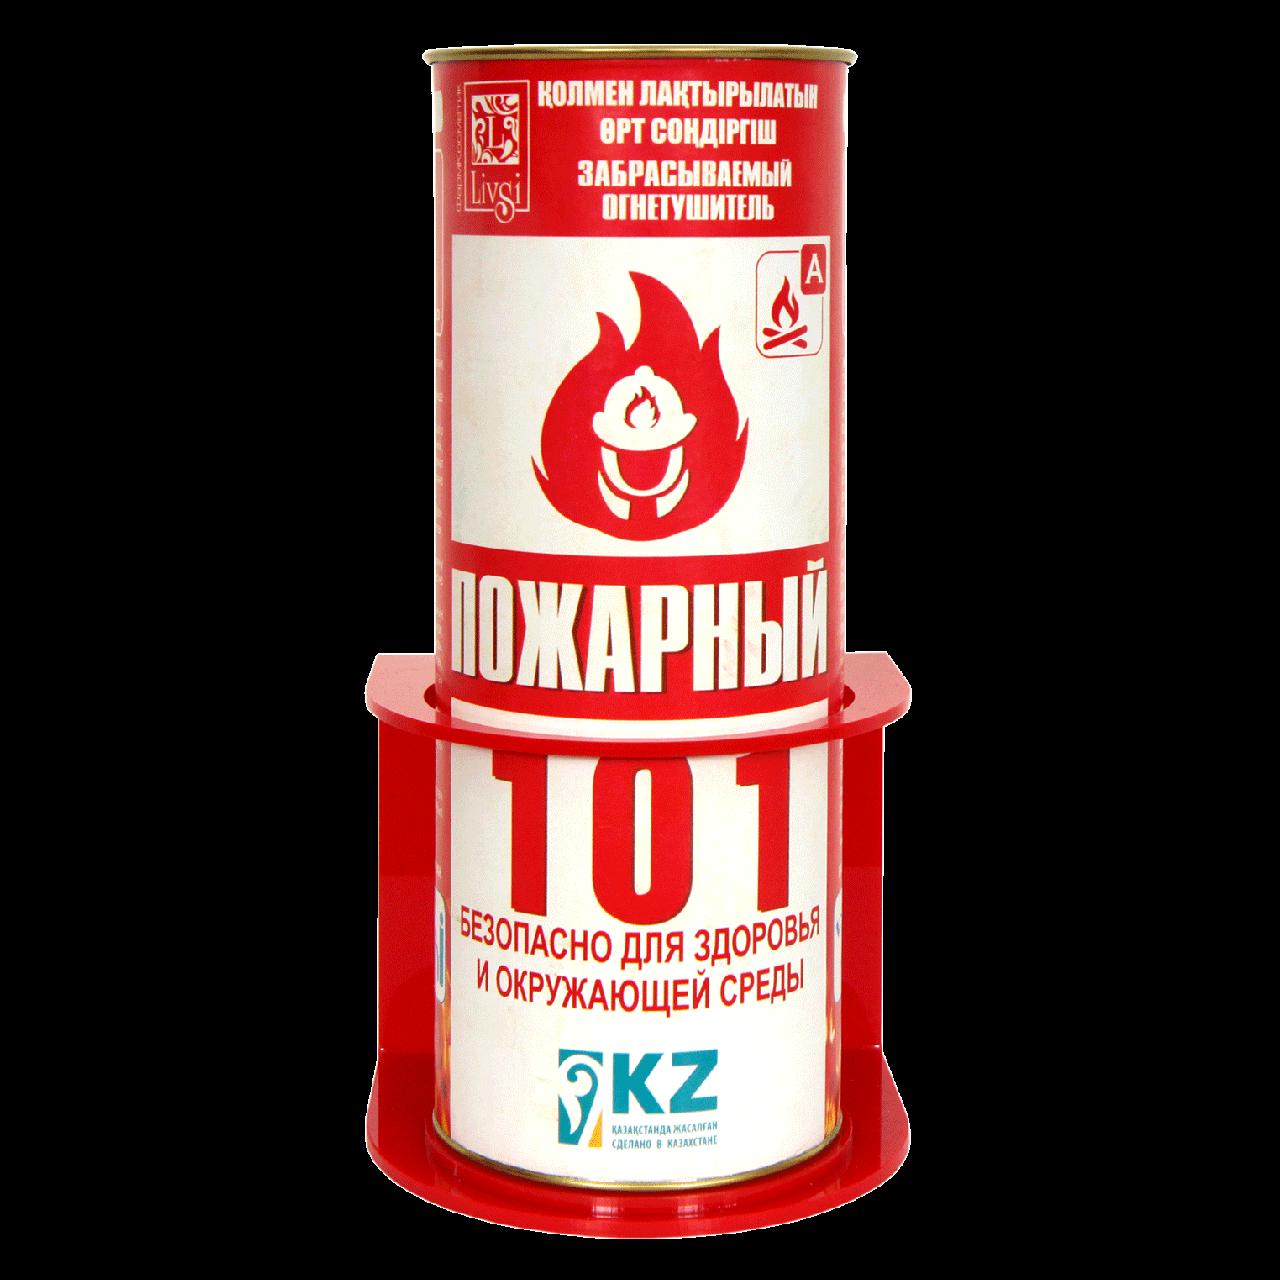 <p>Инновационный забрасываемый огнетушитель Цена: 1950 руб.</p>